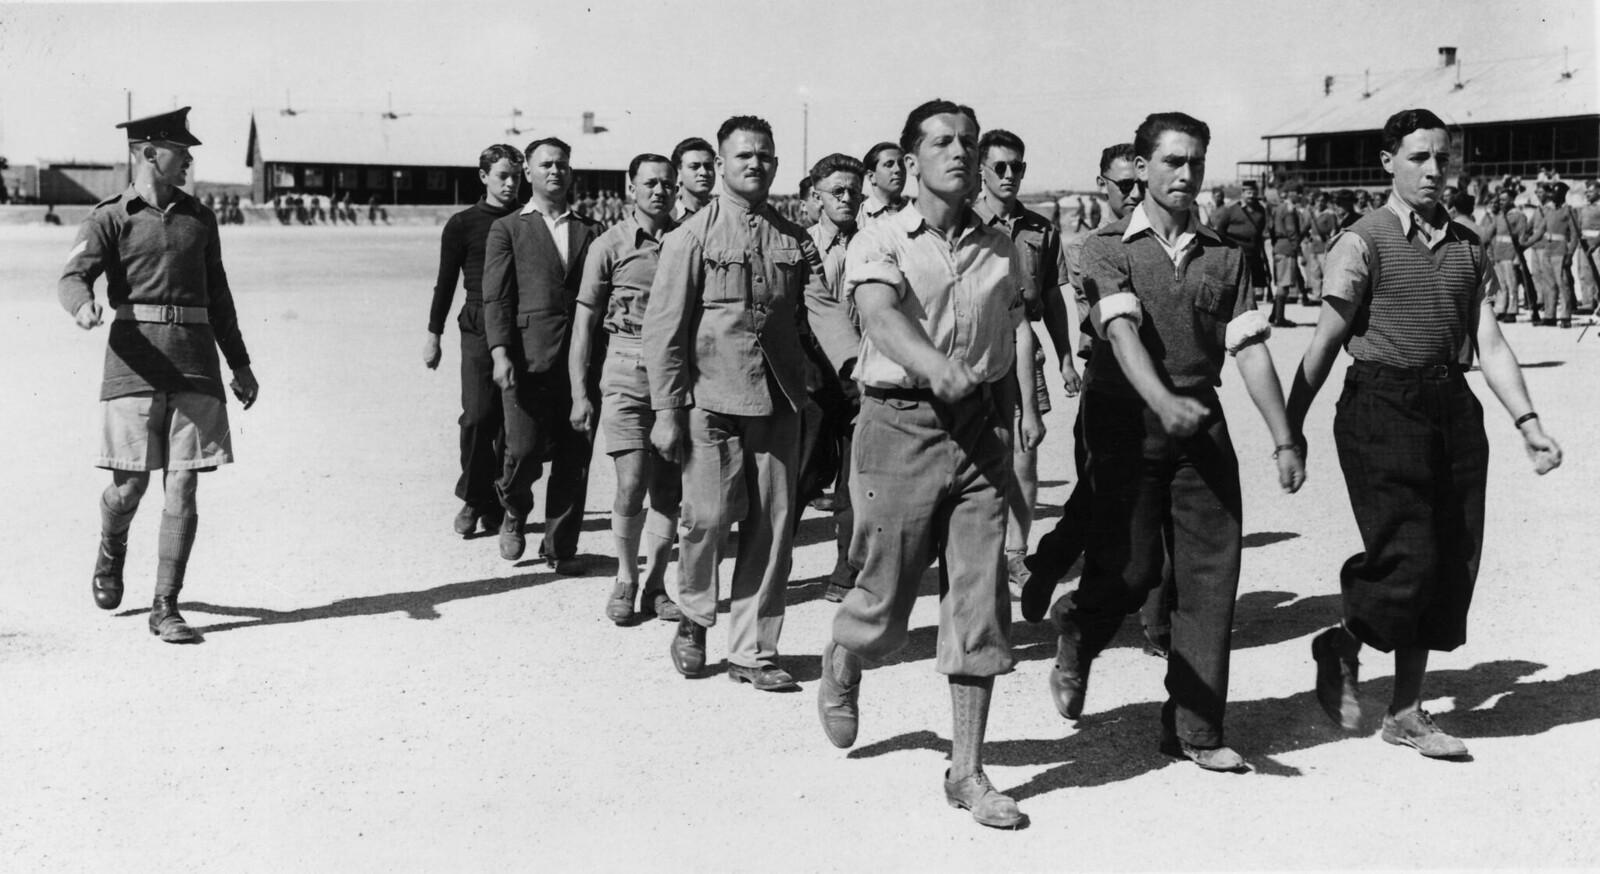 03. Арабы и евреи маршируют бок о бок в составе  вспомогательного военного корпуса британской армии